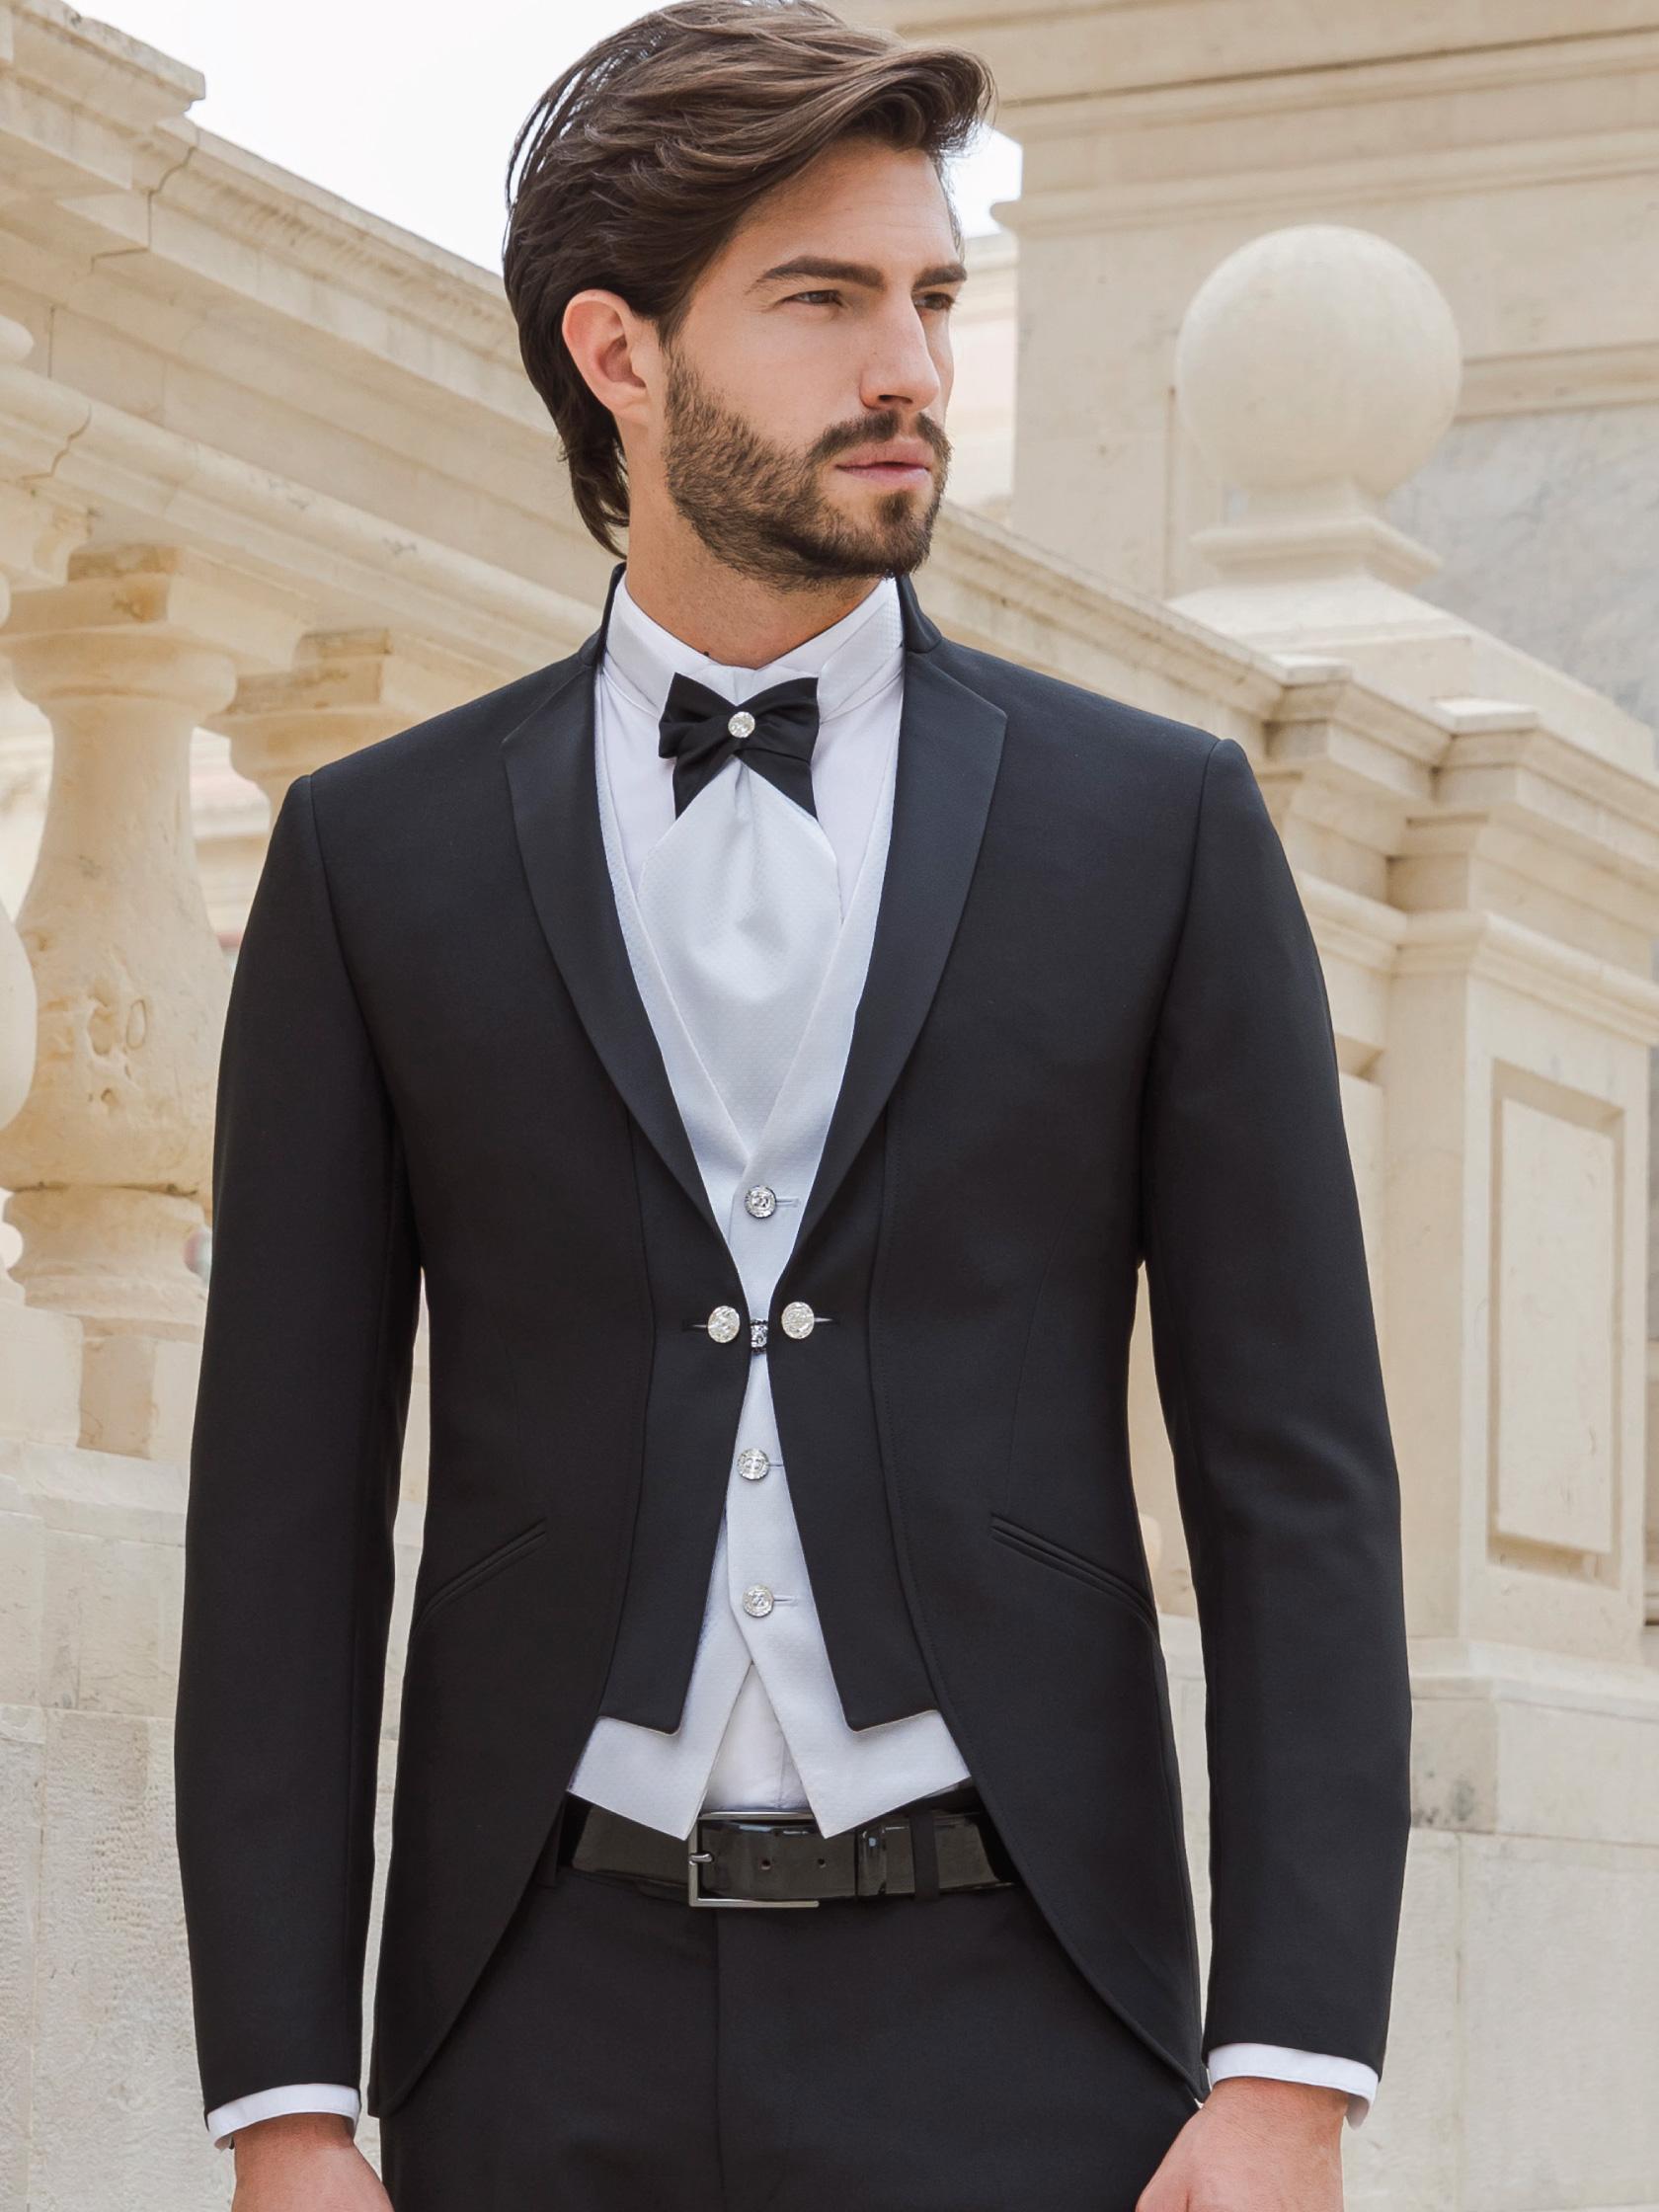 Collezioni Scribano - Abiti da sposo e da cerimonia 2019 - Privè -  Siciliano - Enzo Miccio 9e6d1041fa1